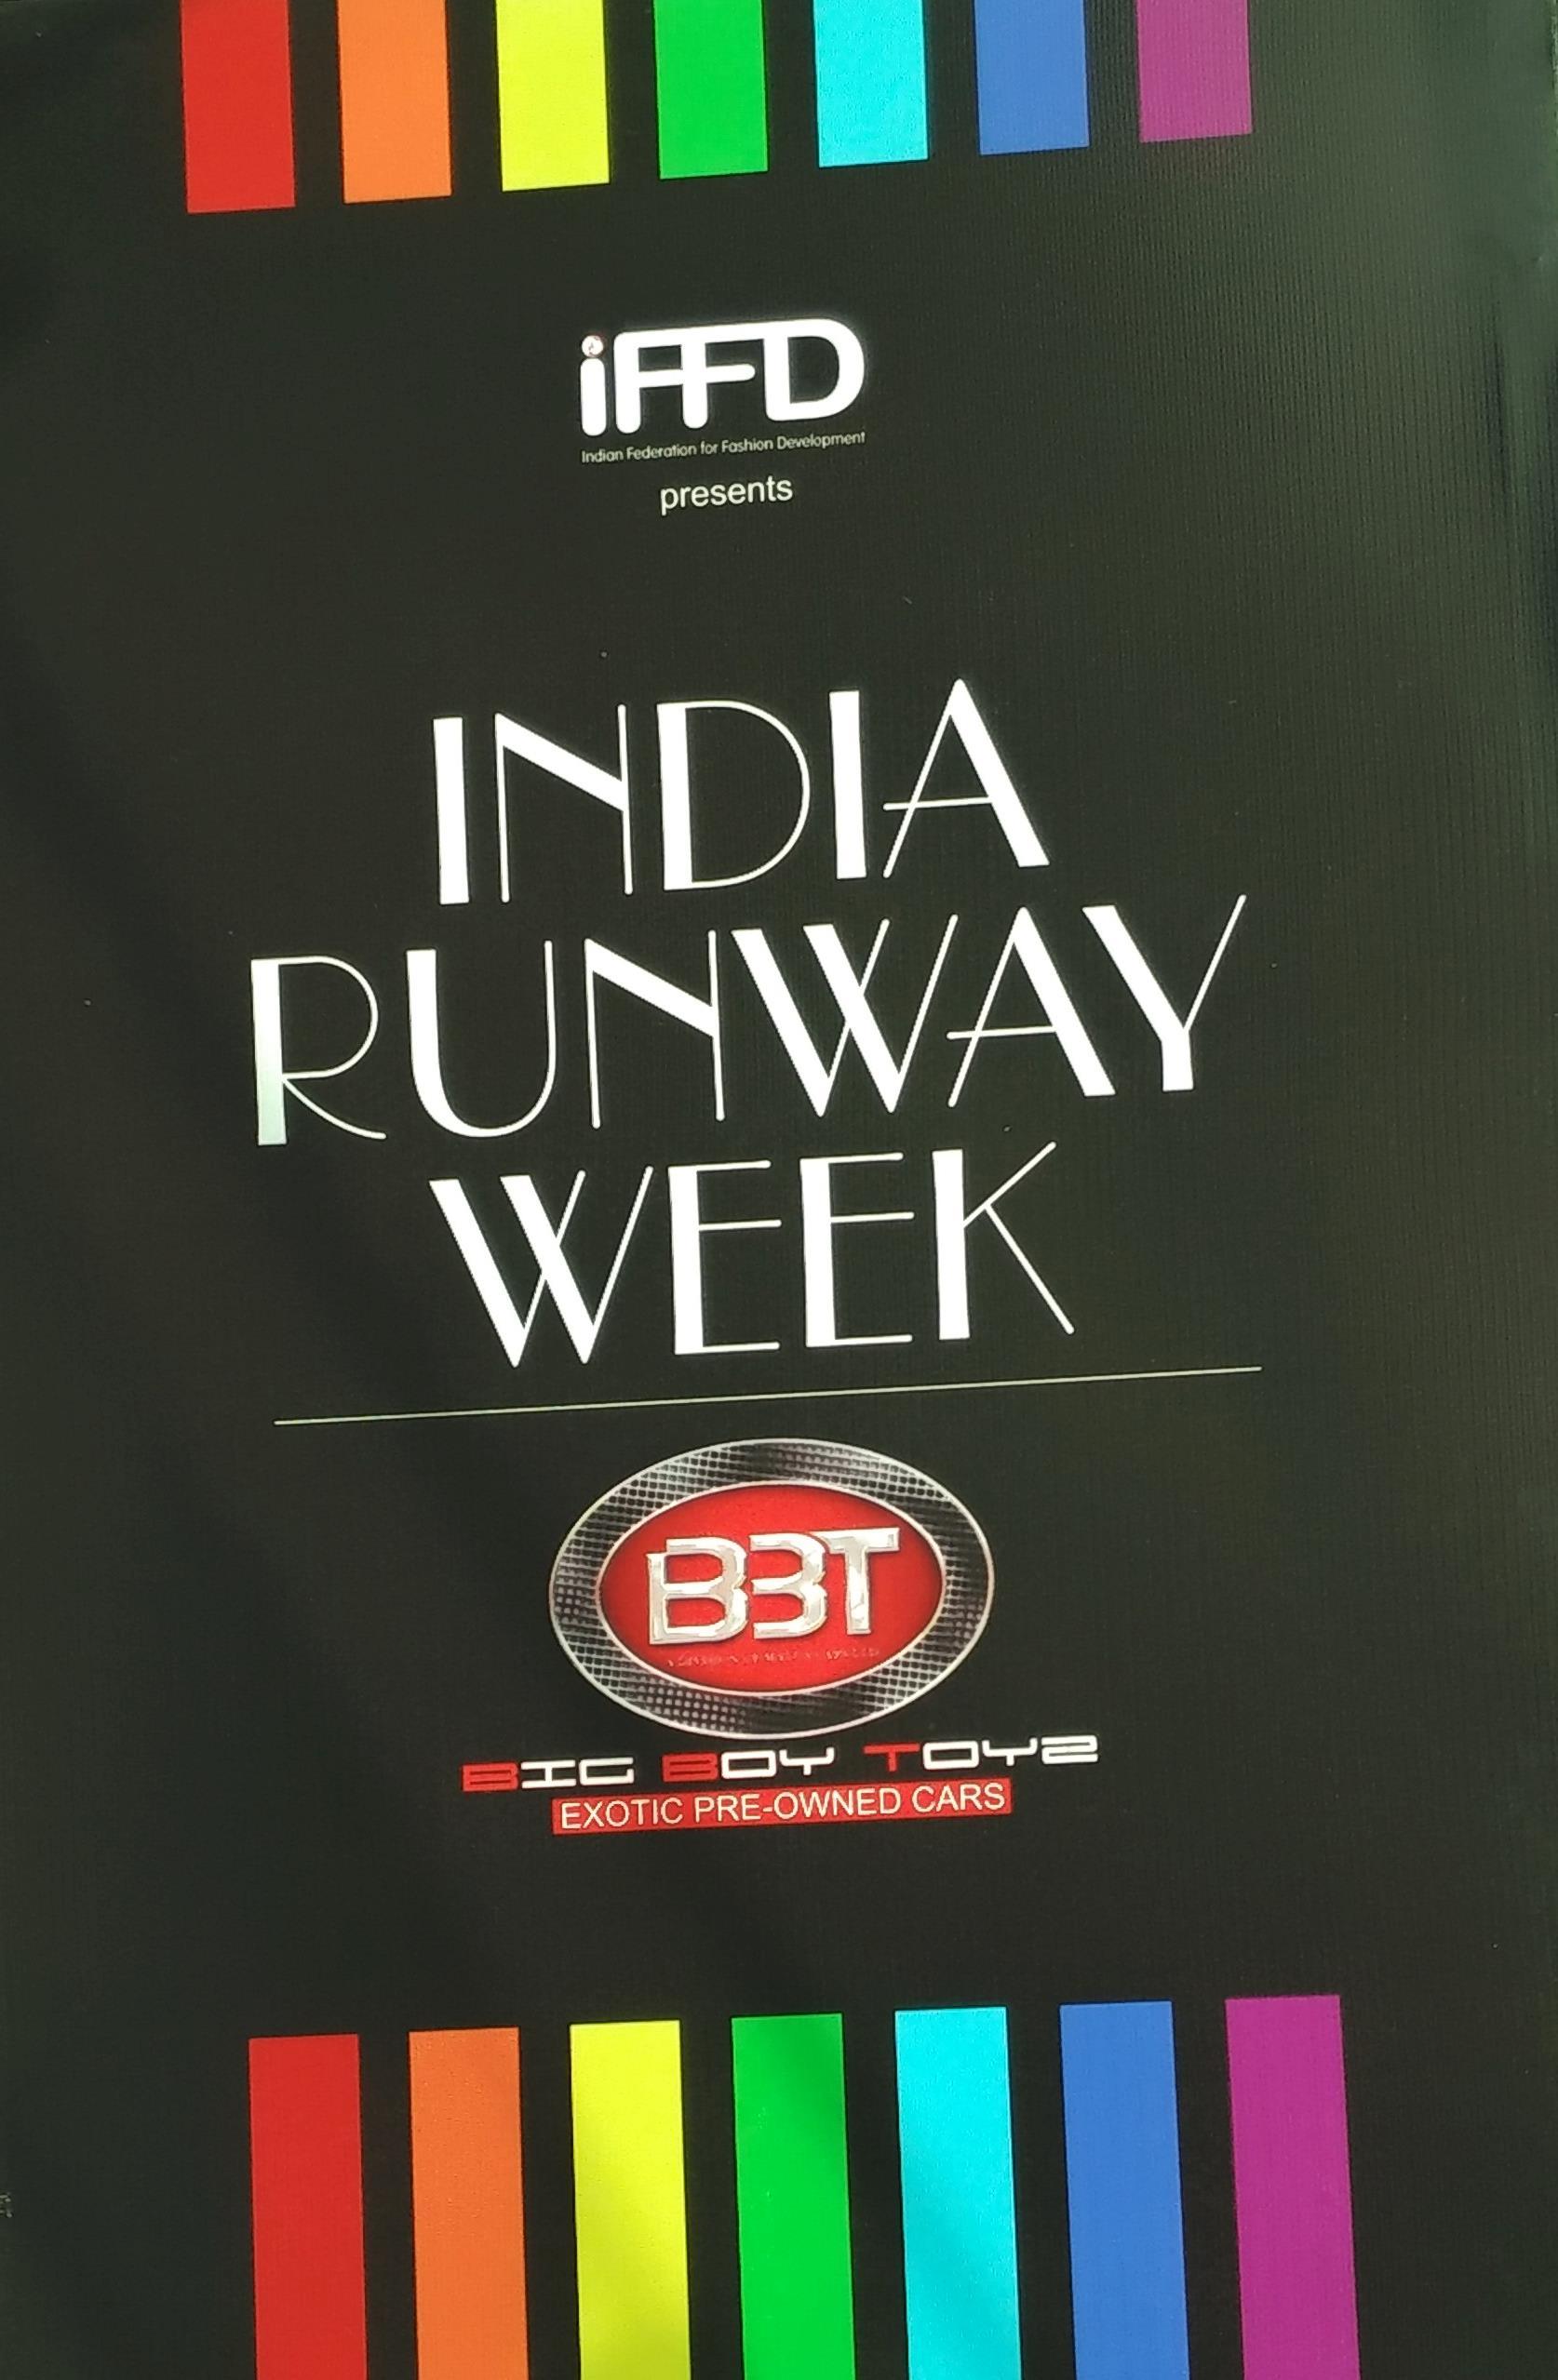 Iffd India Runway Week